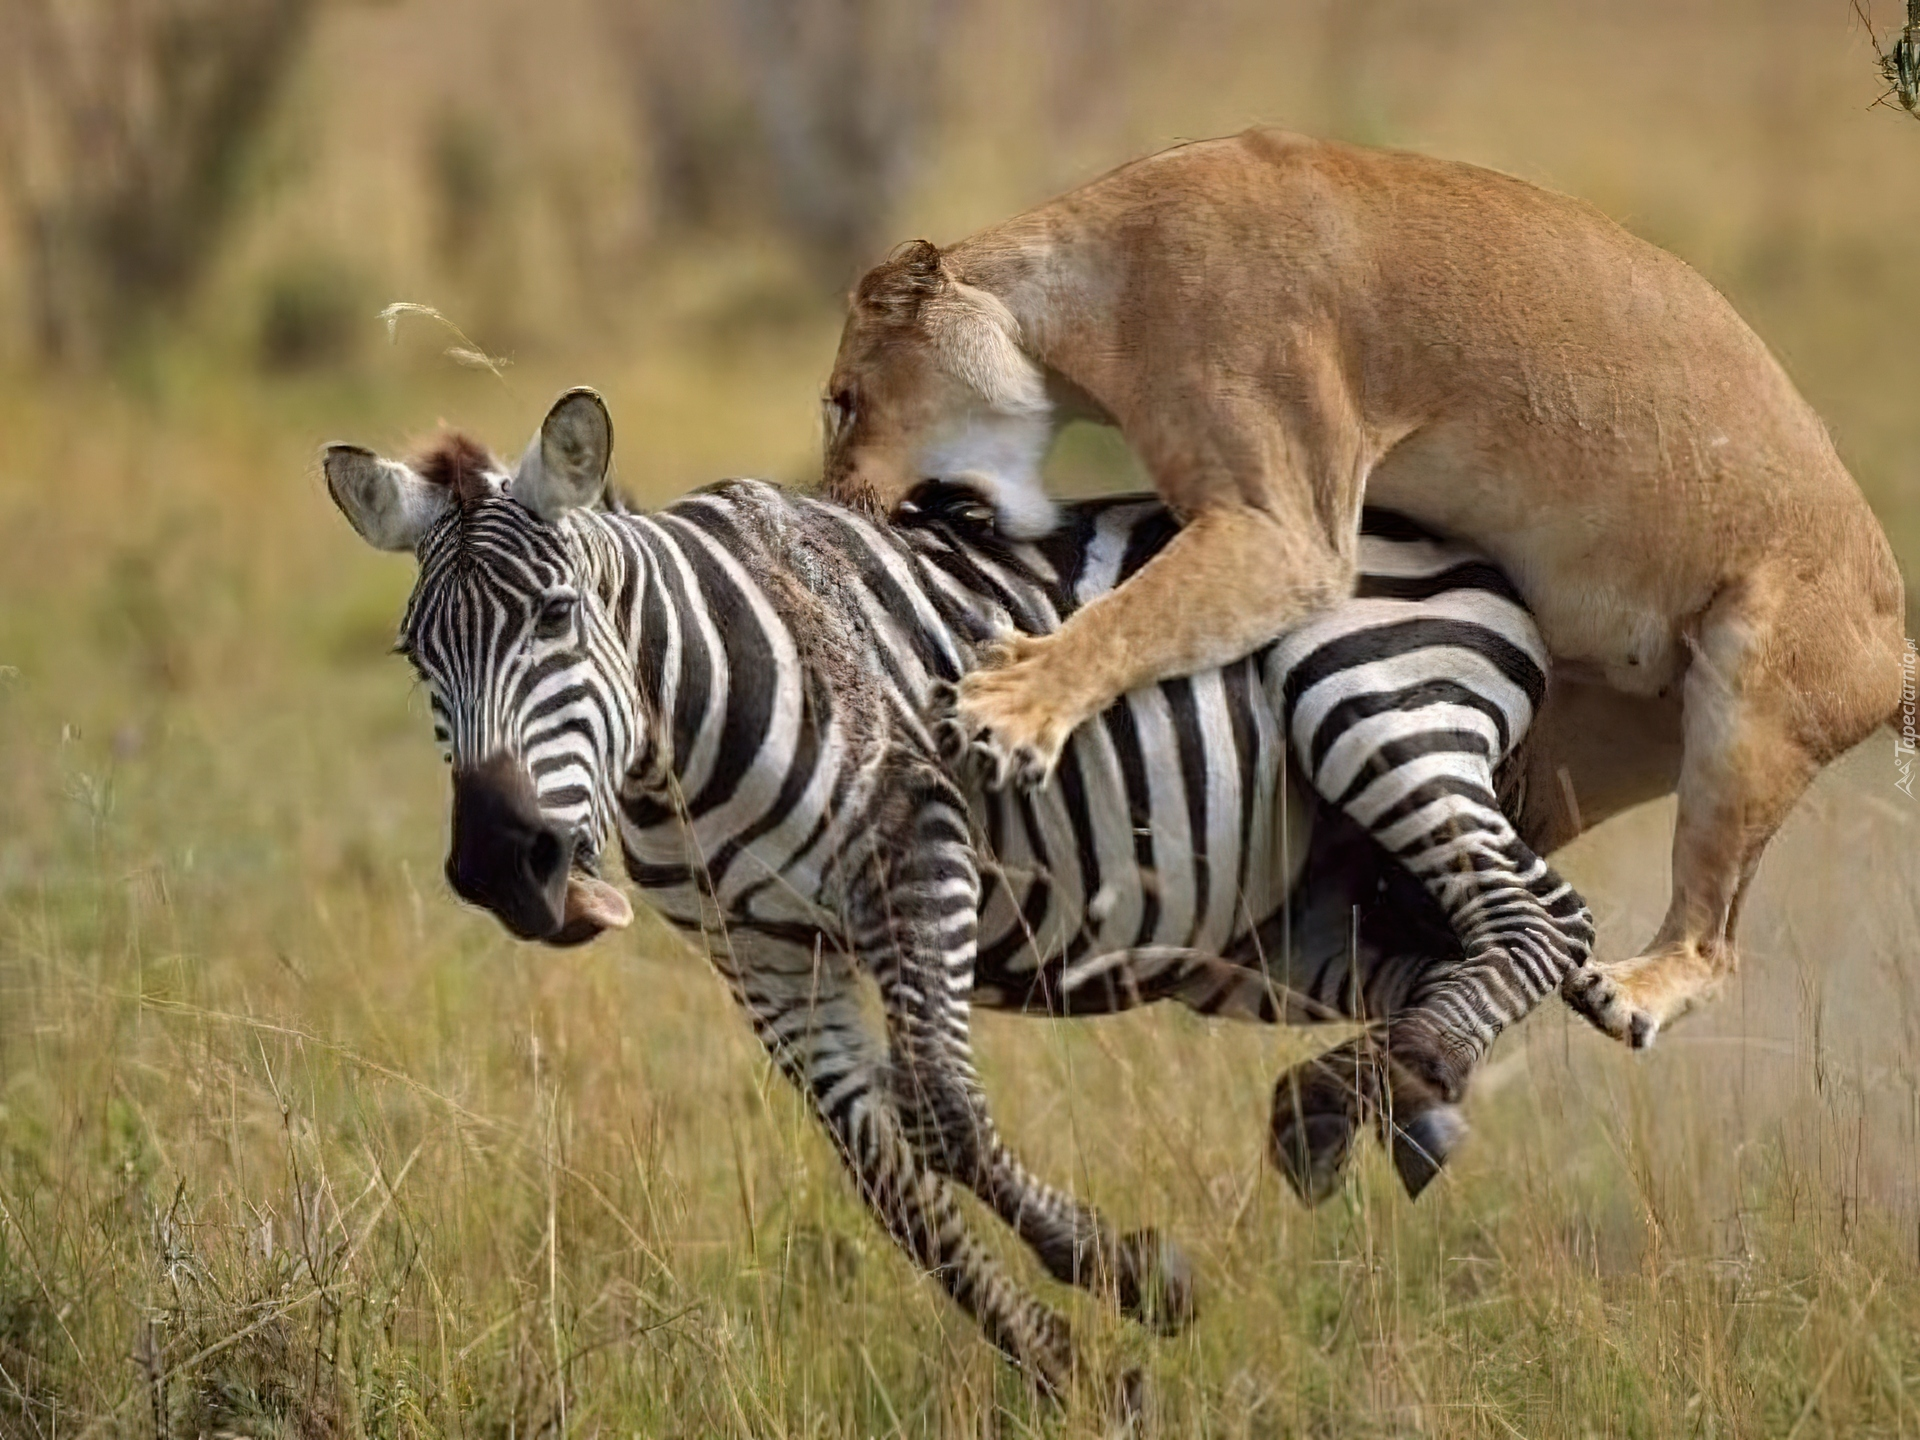 умеешь картинки львов пантеры и зебра стал длиннее